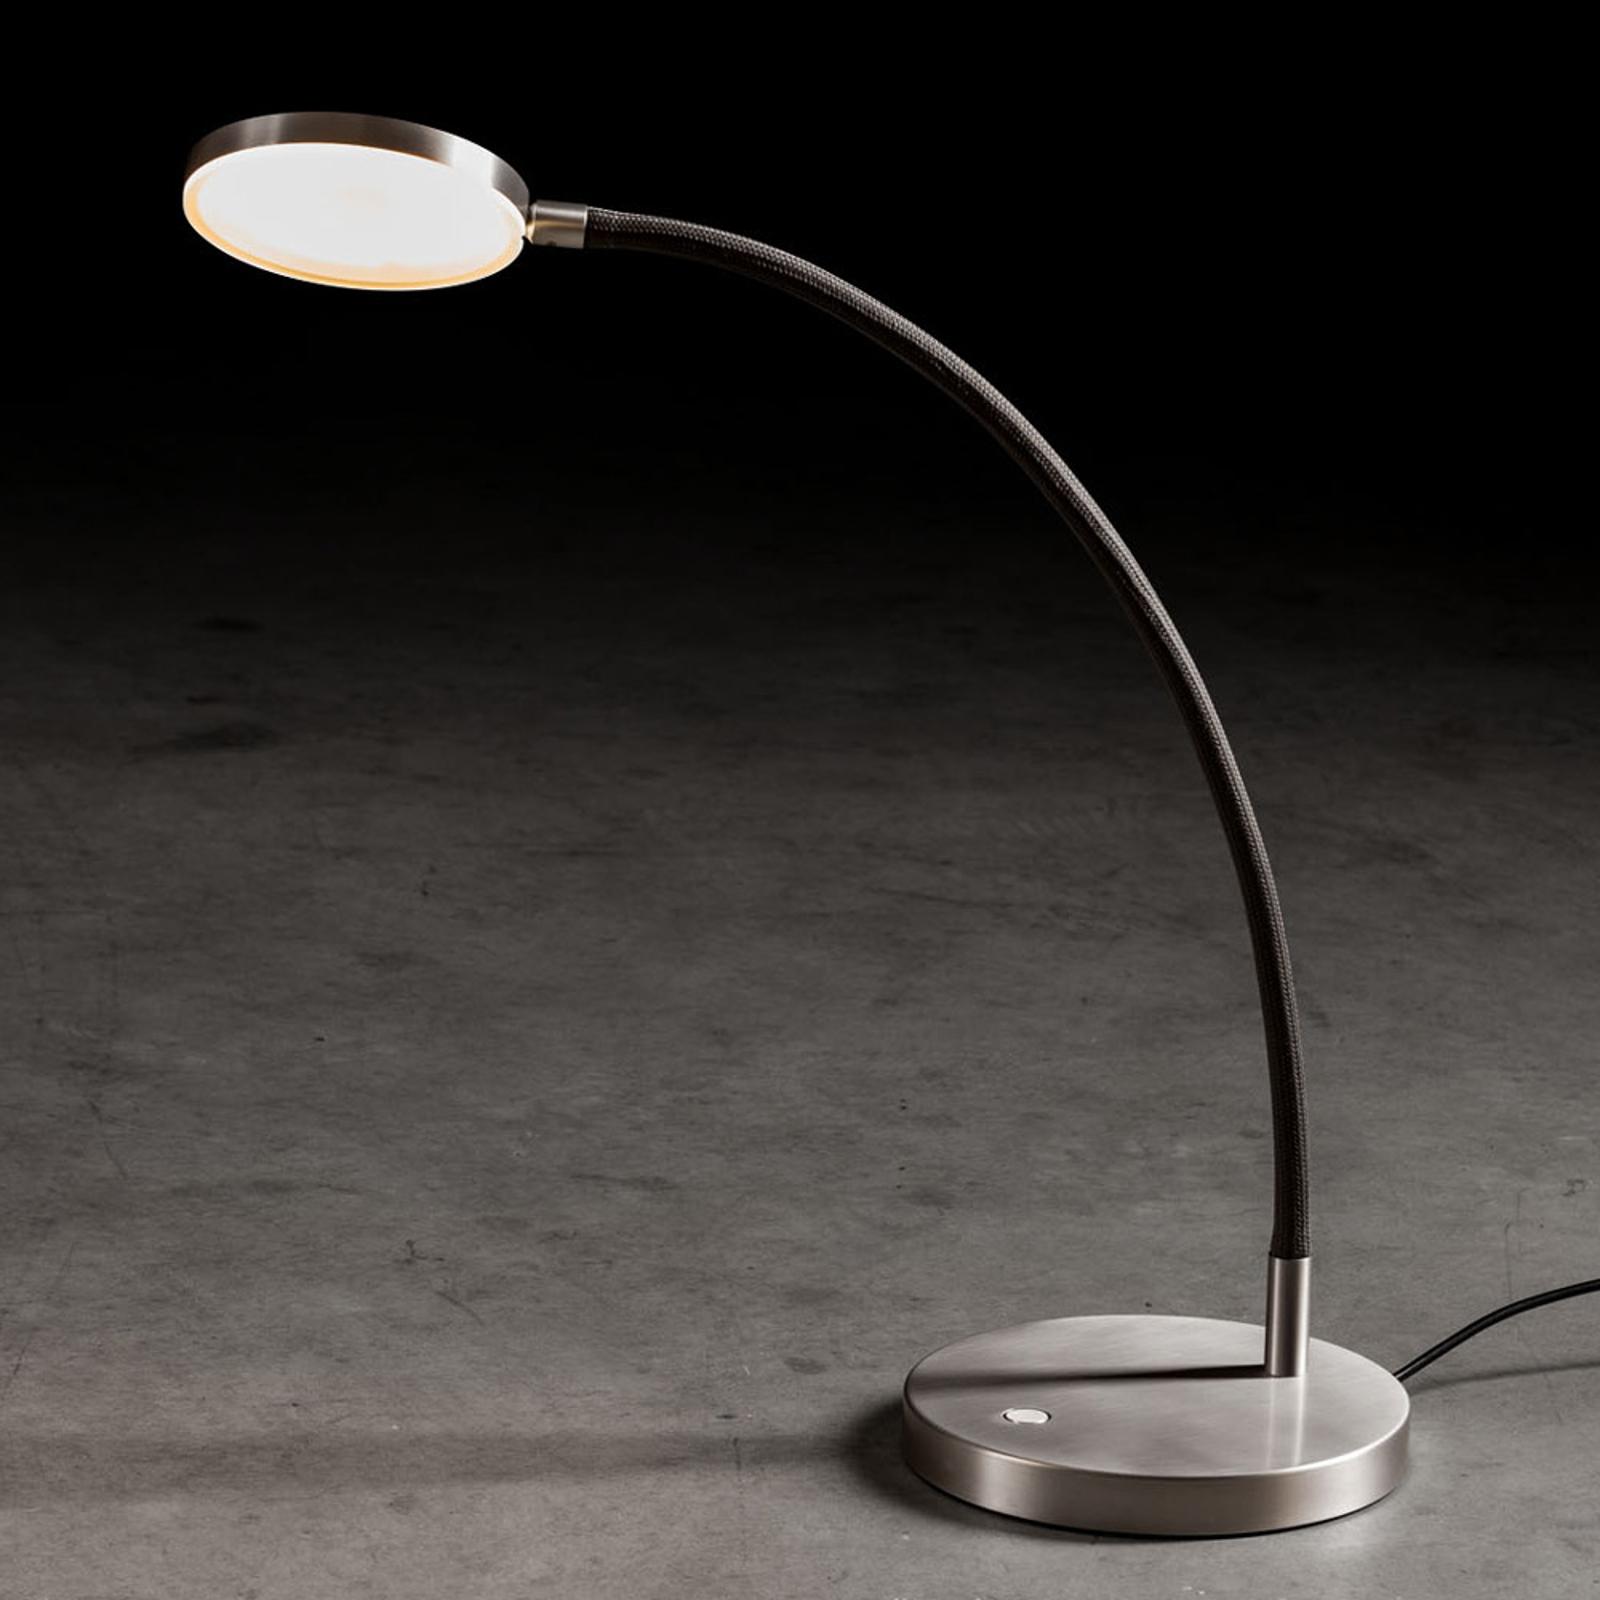 Holtkötter Flex T lampe à poser LED alu mat/noire